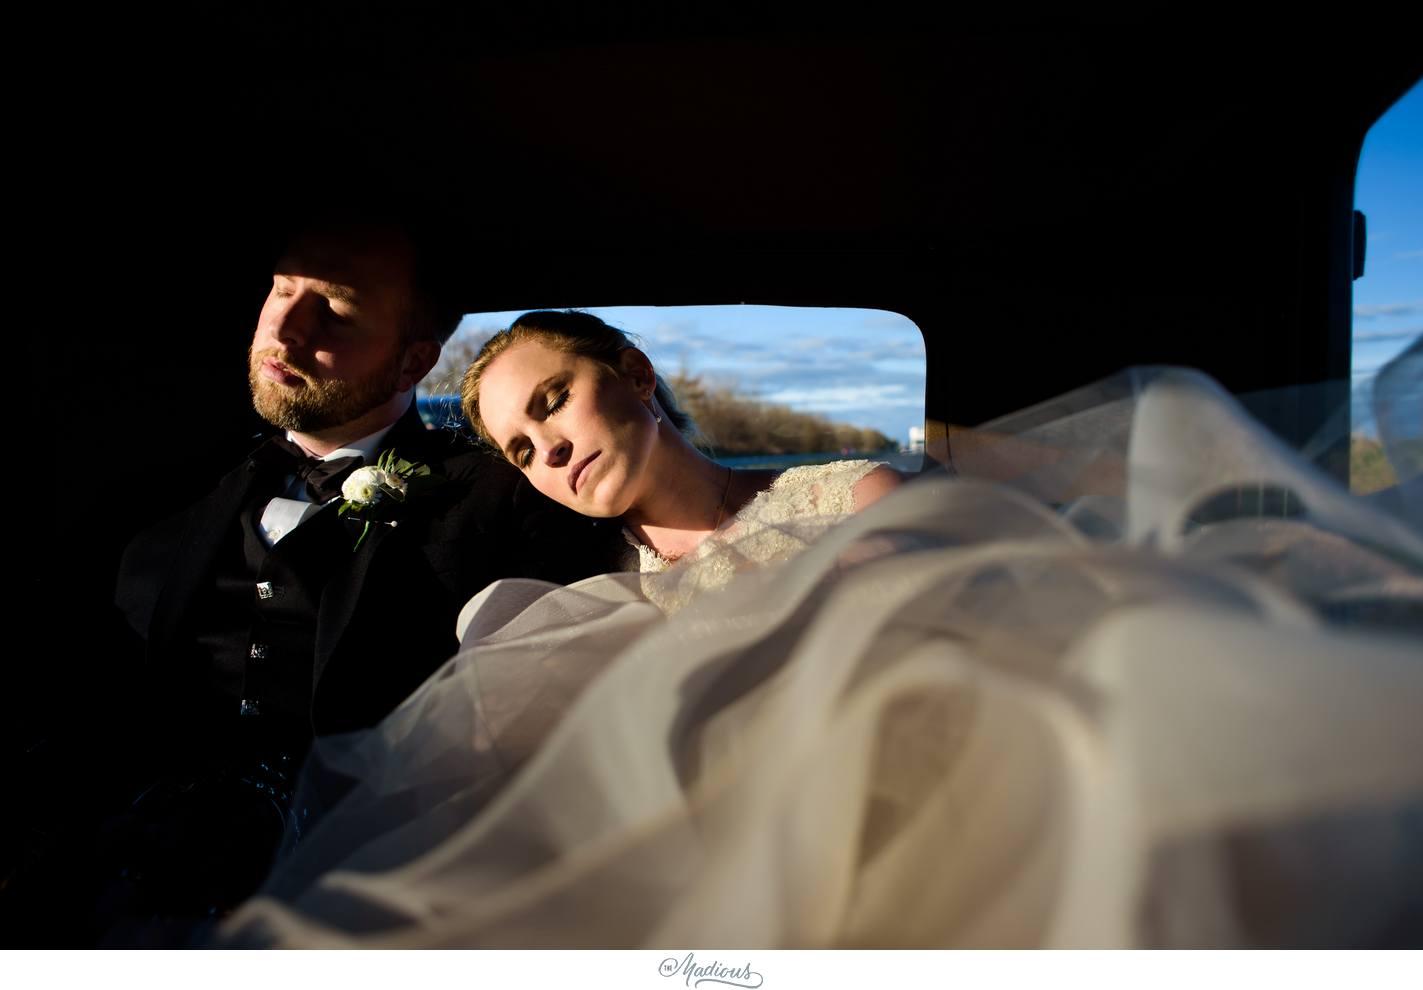 Balbegno_Dunnotar_Castle_Scottland_Wedding_51.jpg